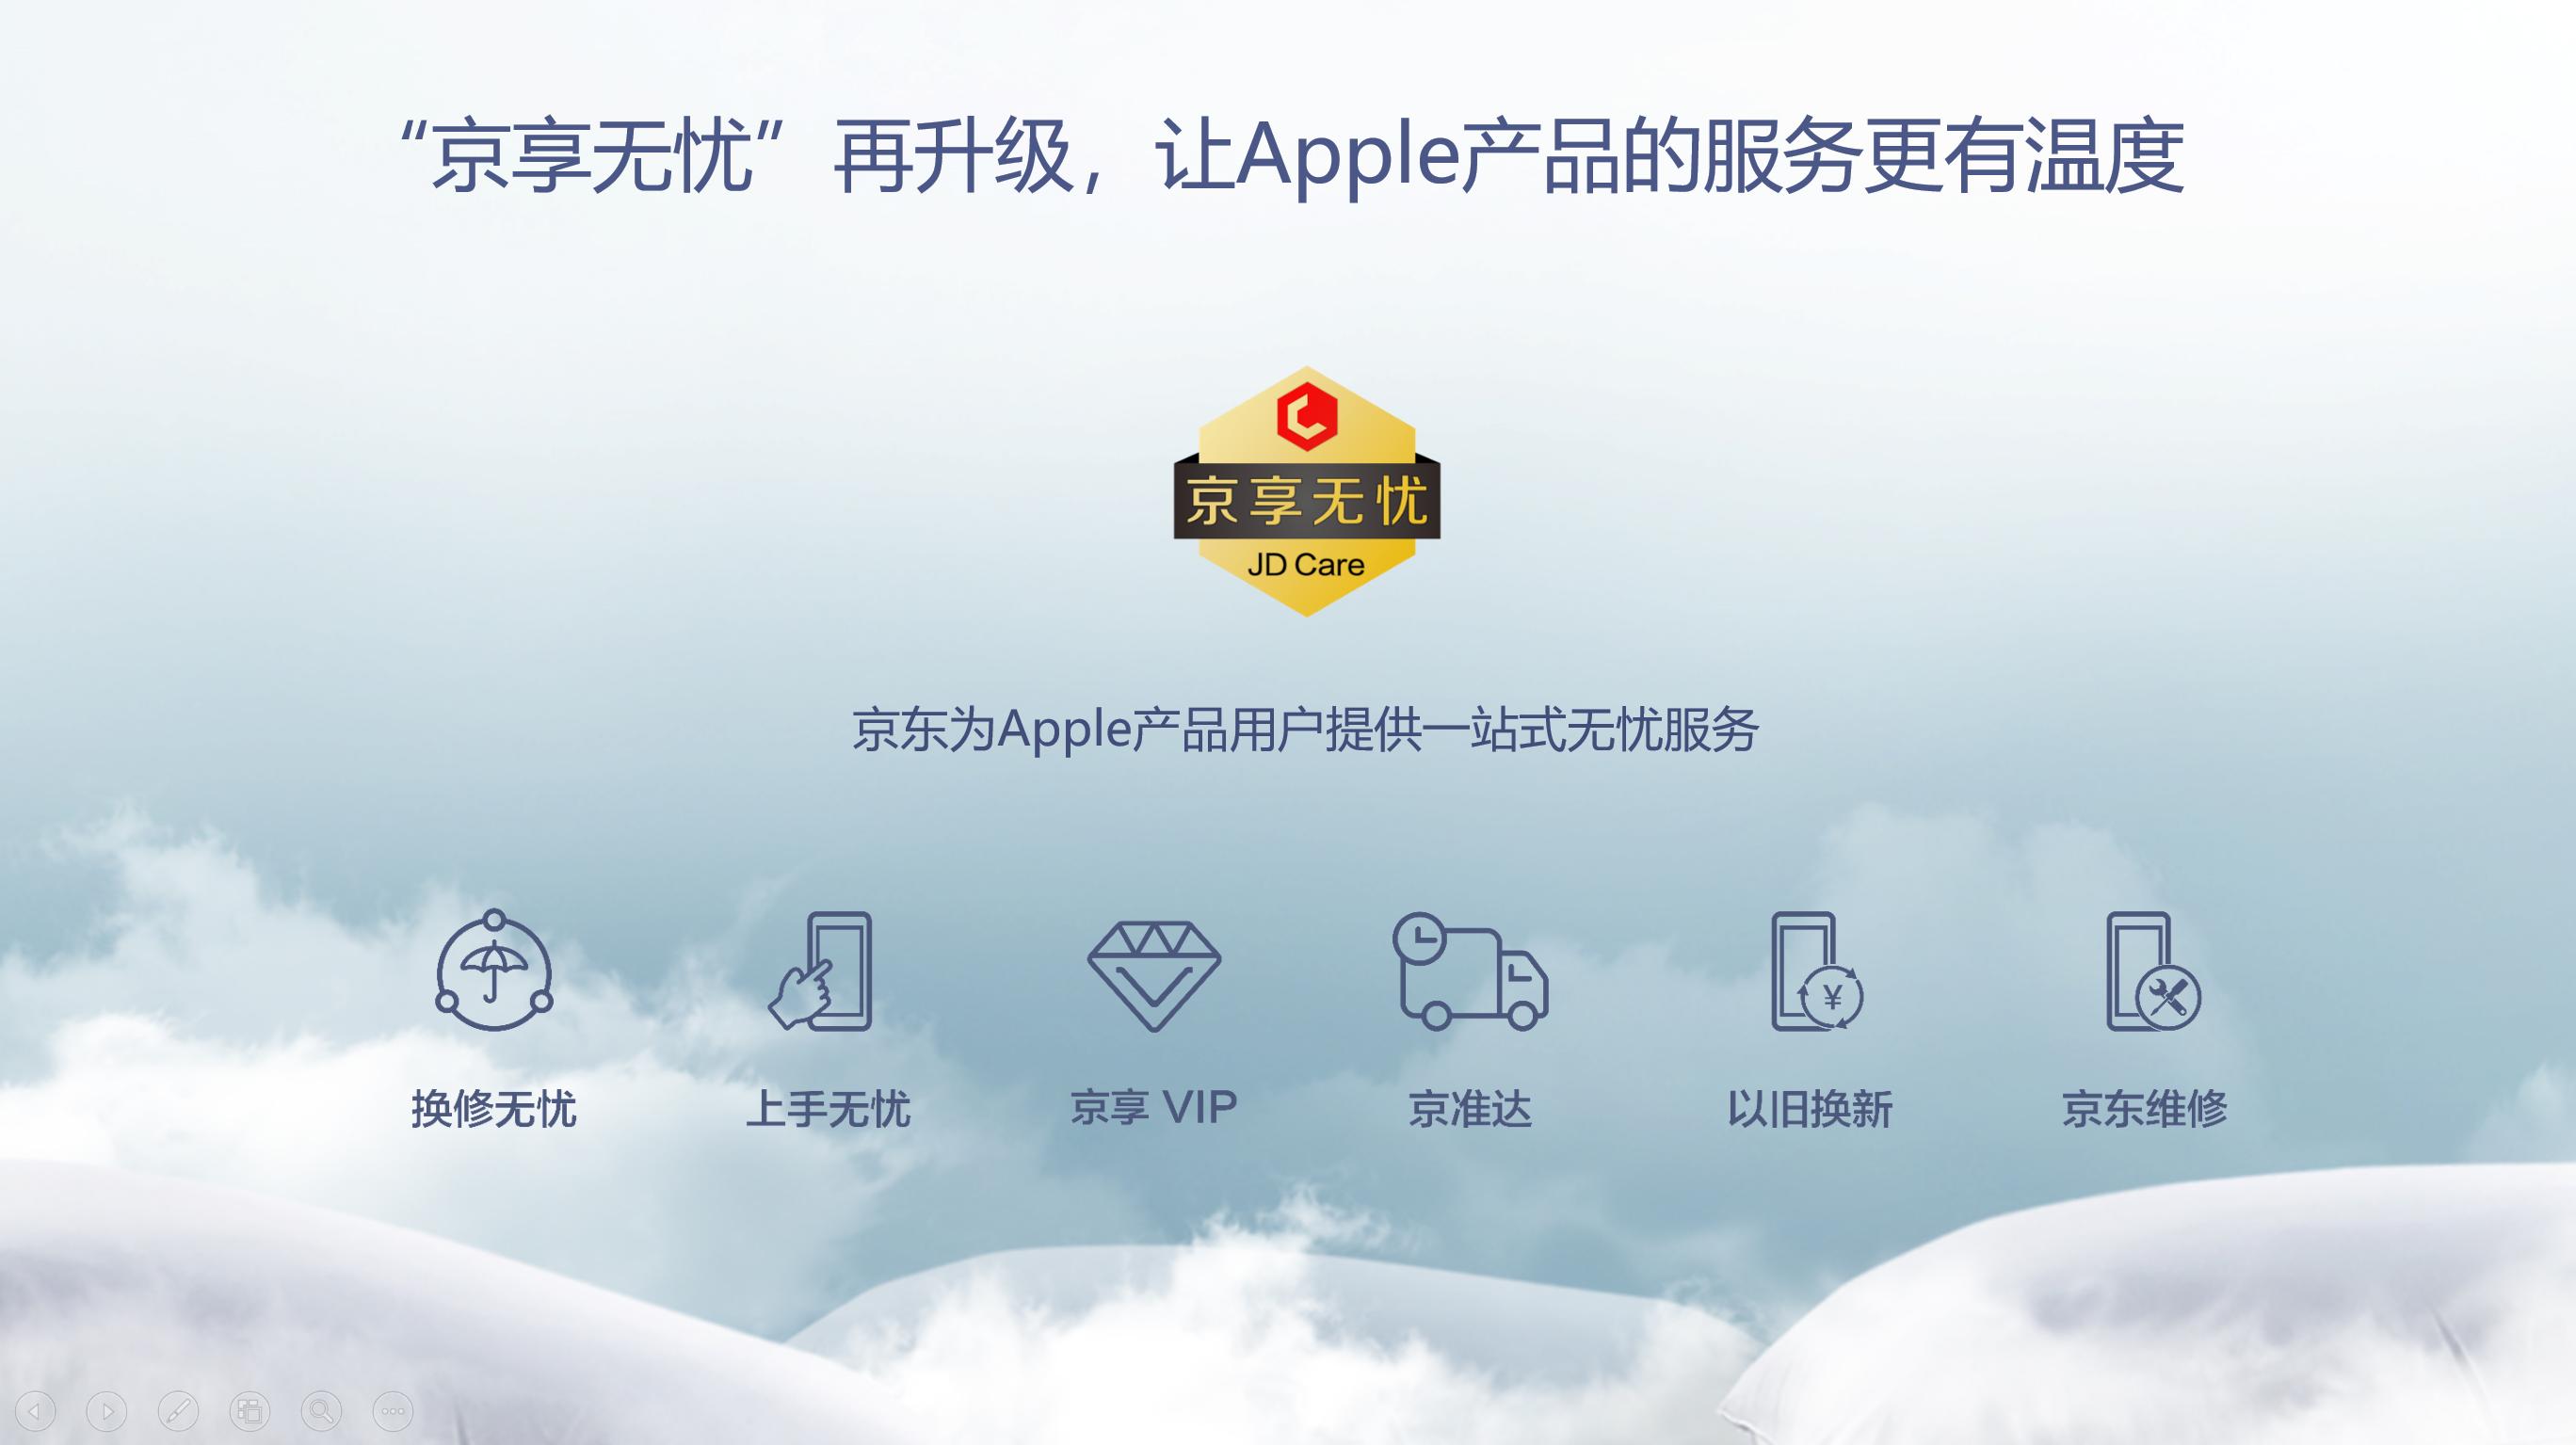 """京东推出""""换修无忧""""服务  iPhone新品质量出问题直接换新"""